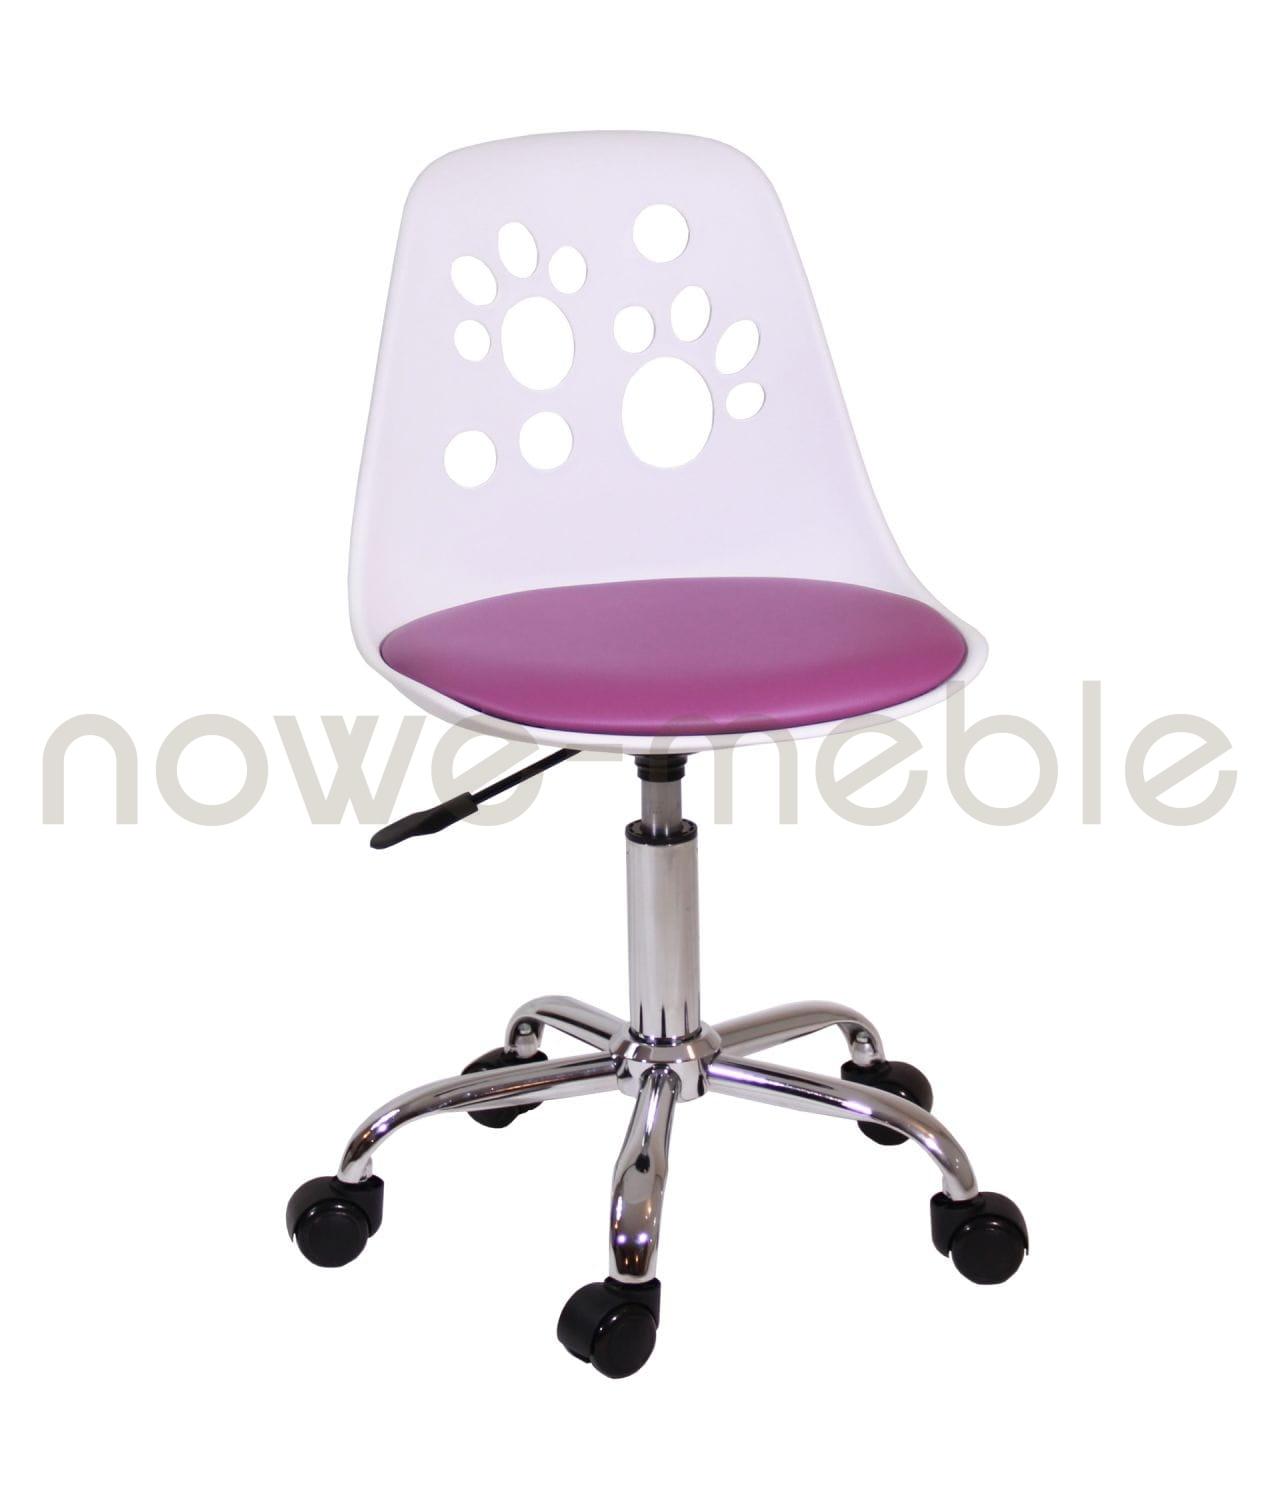 Krzesło obrotowe dla dziecka N 03 fioletowy